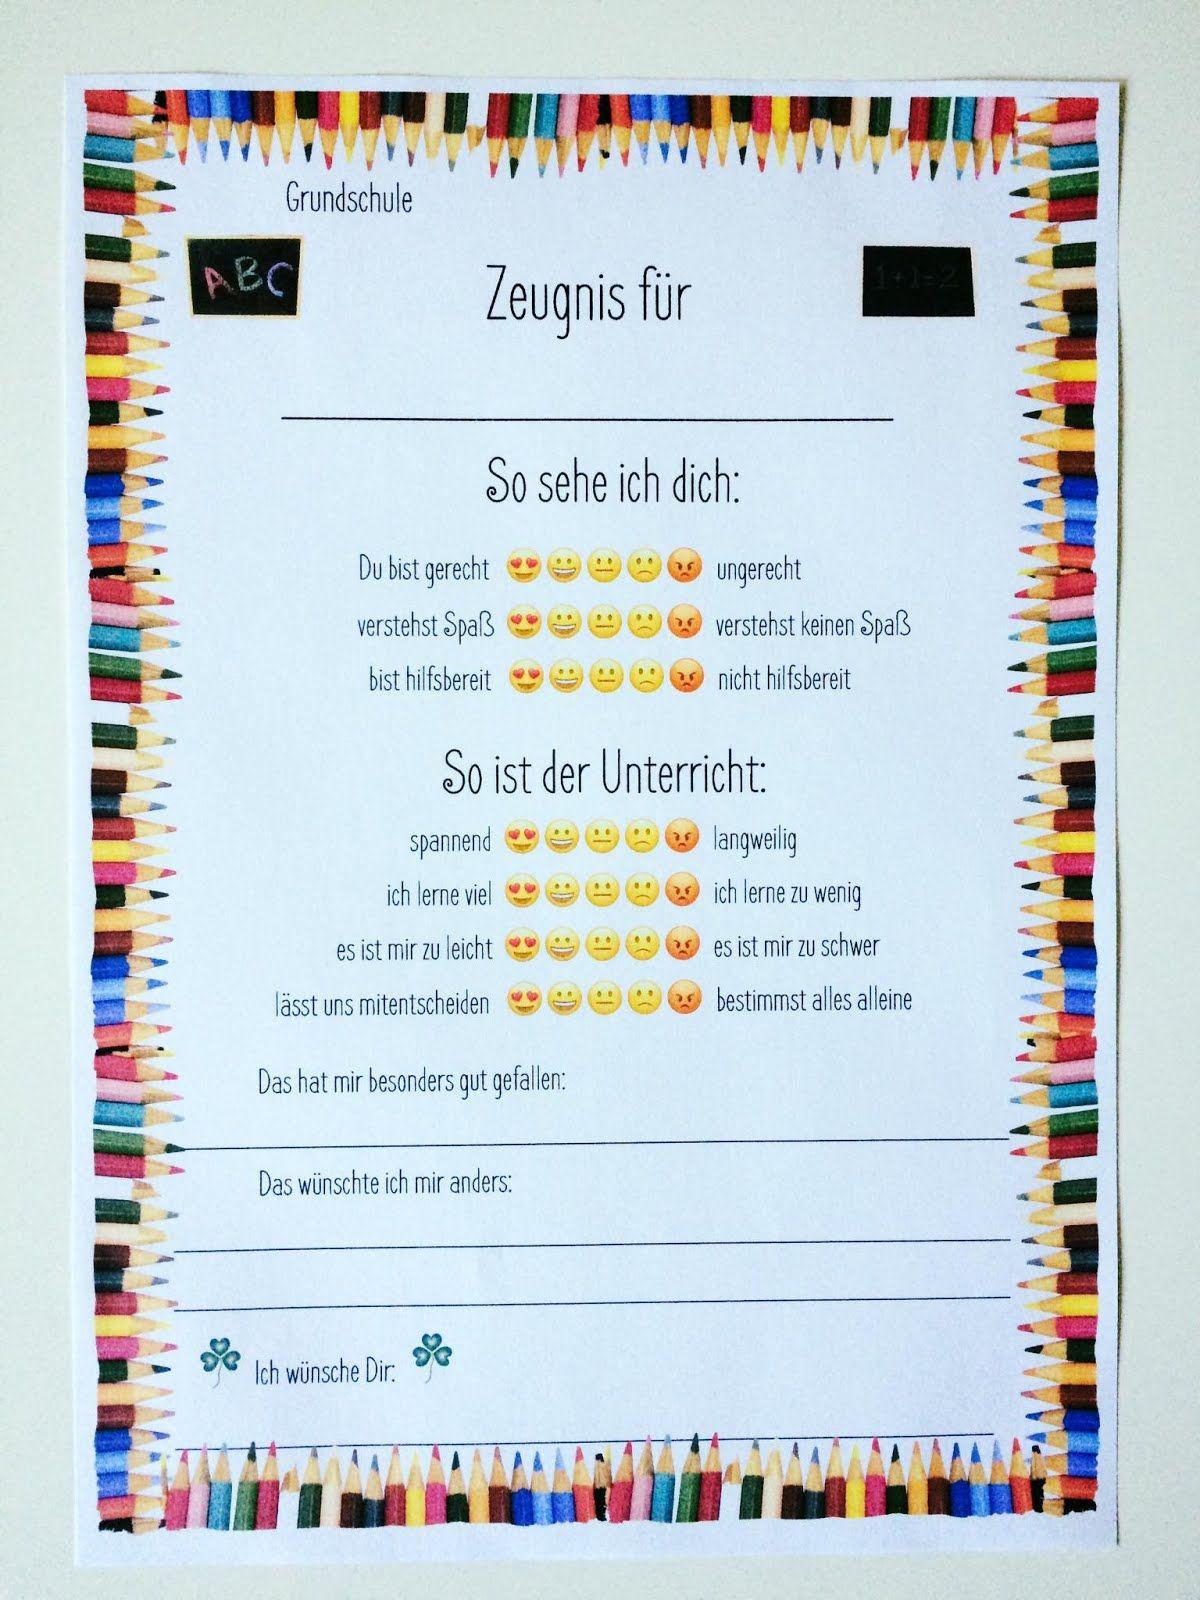 Grundschul_Teacher (Mit Bildern) | Zeugnis Grundschule ganzes Abschiedssprüche Für Lehrer Grundschule